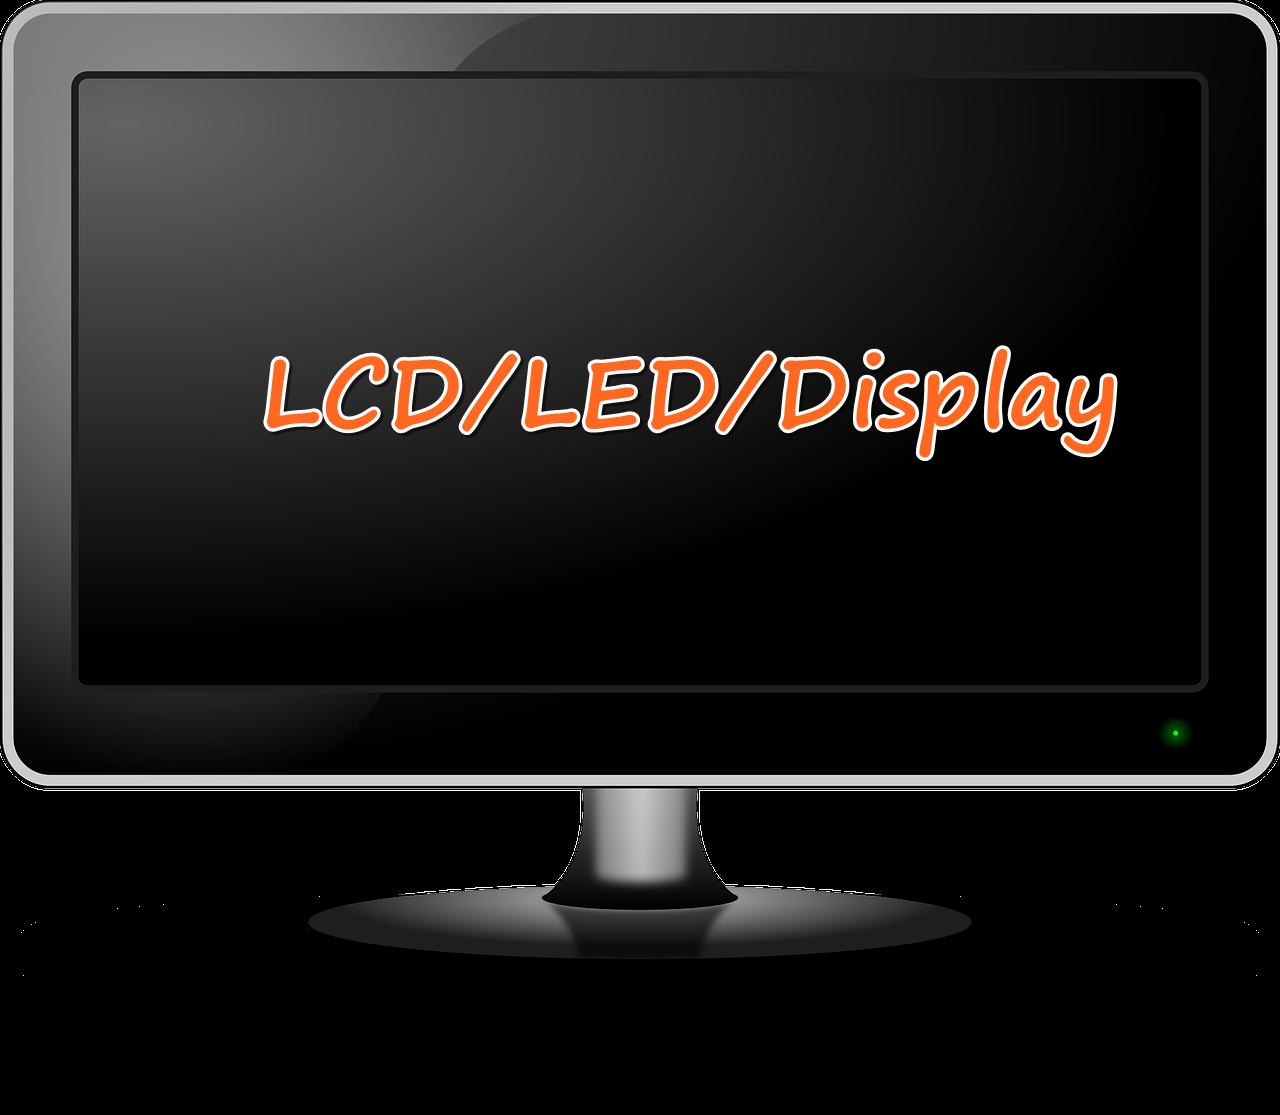 output-led-display-ki-jankari